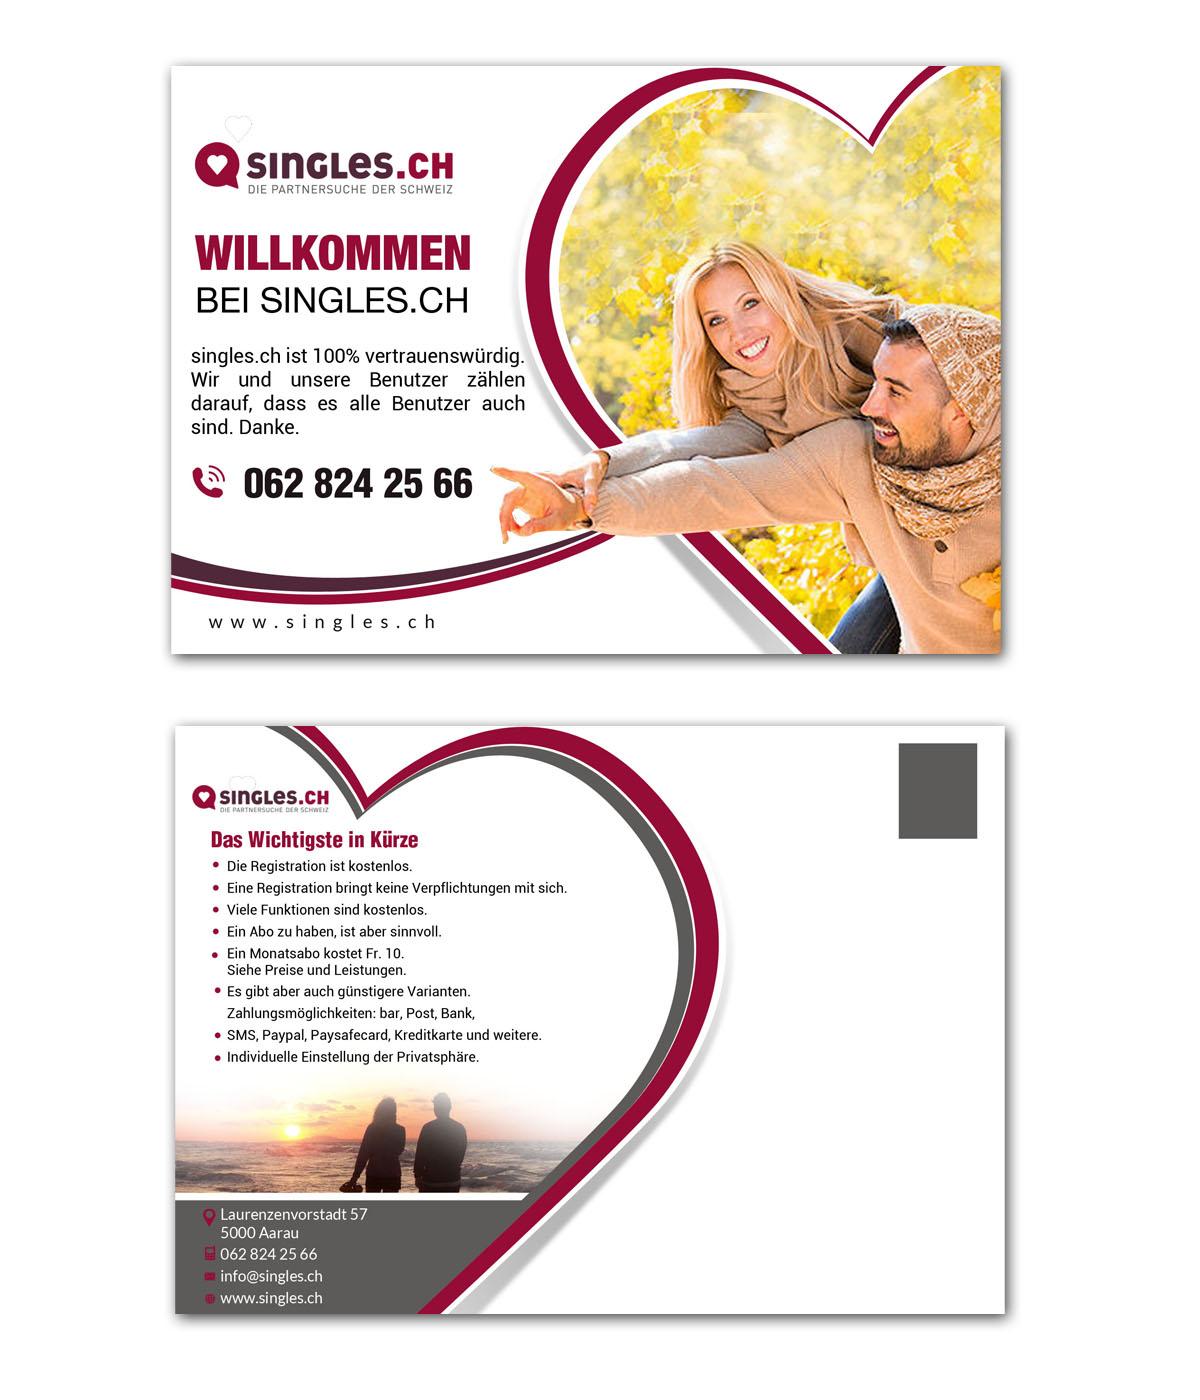 academic singles - partnersuche schweiz